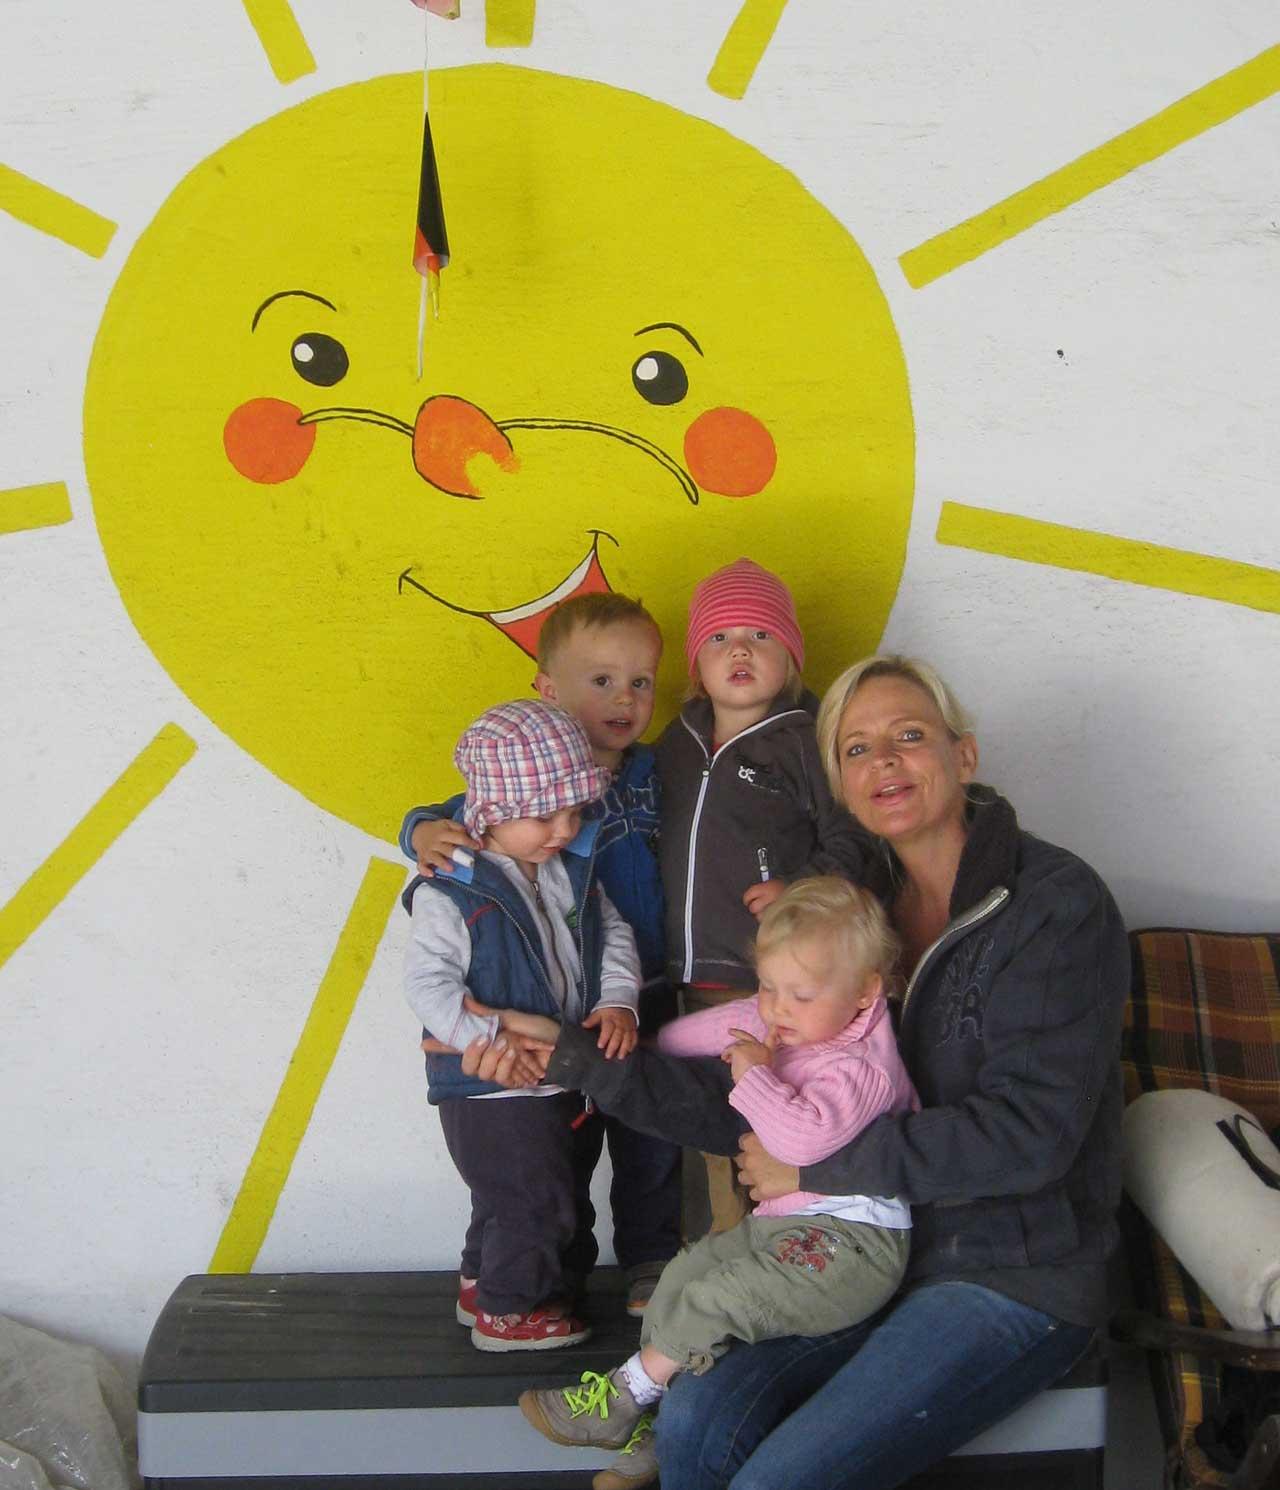 Das Bild zeigt die Pflegekraft von der Tagespflege Sonnenschein zusammen mit 4 Kindern vor einer Wand, auf der eine Sonne gemalt ist